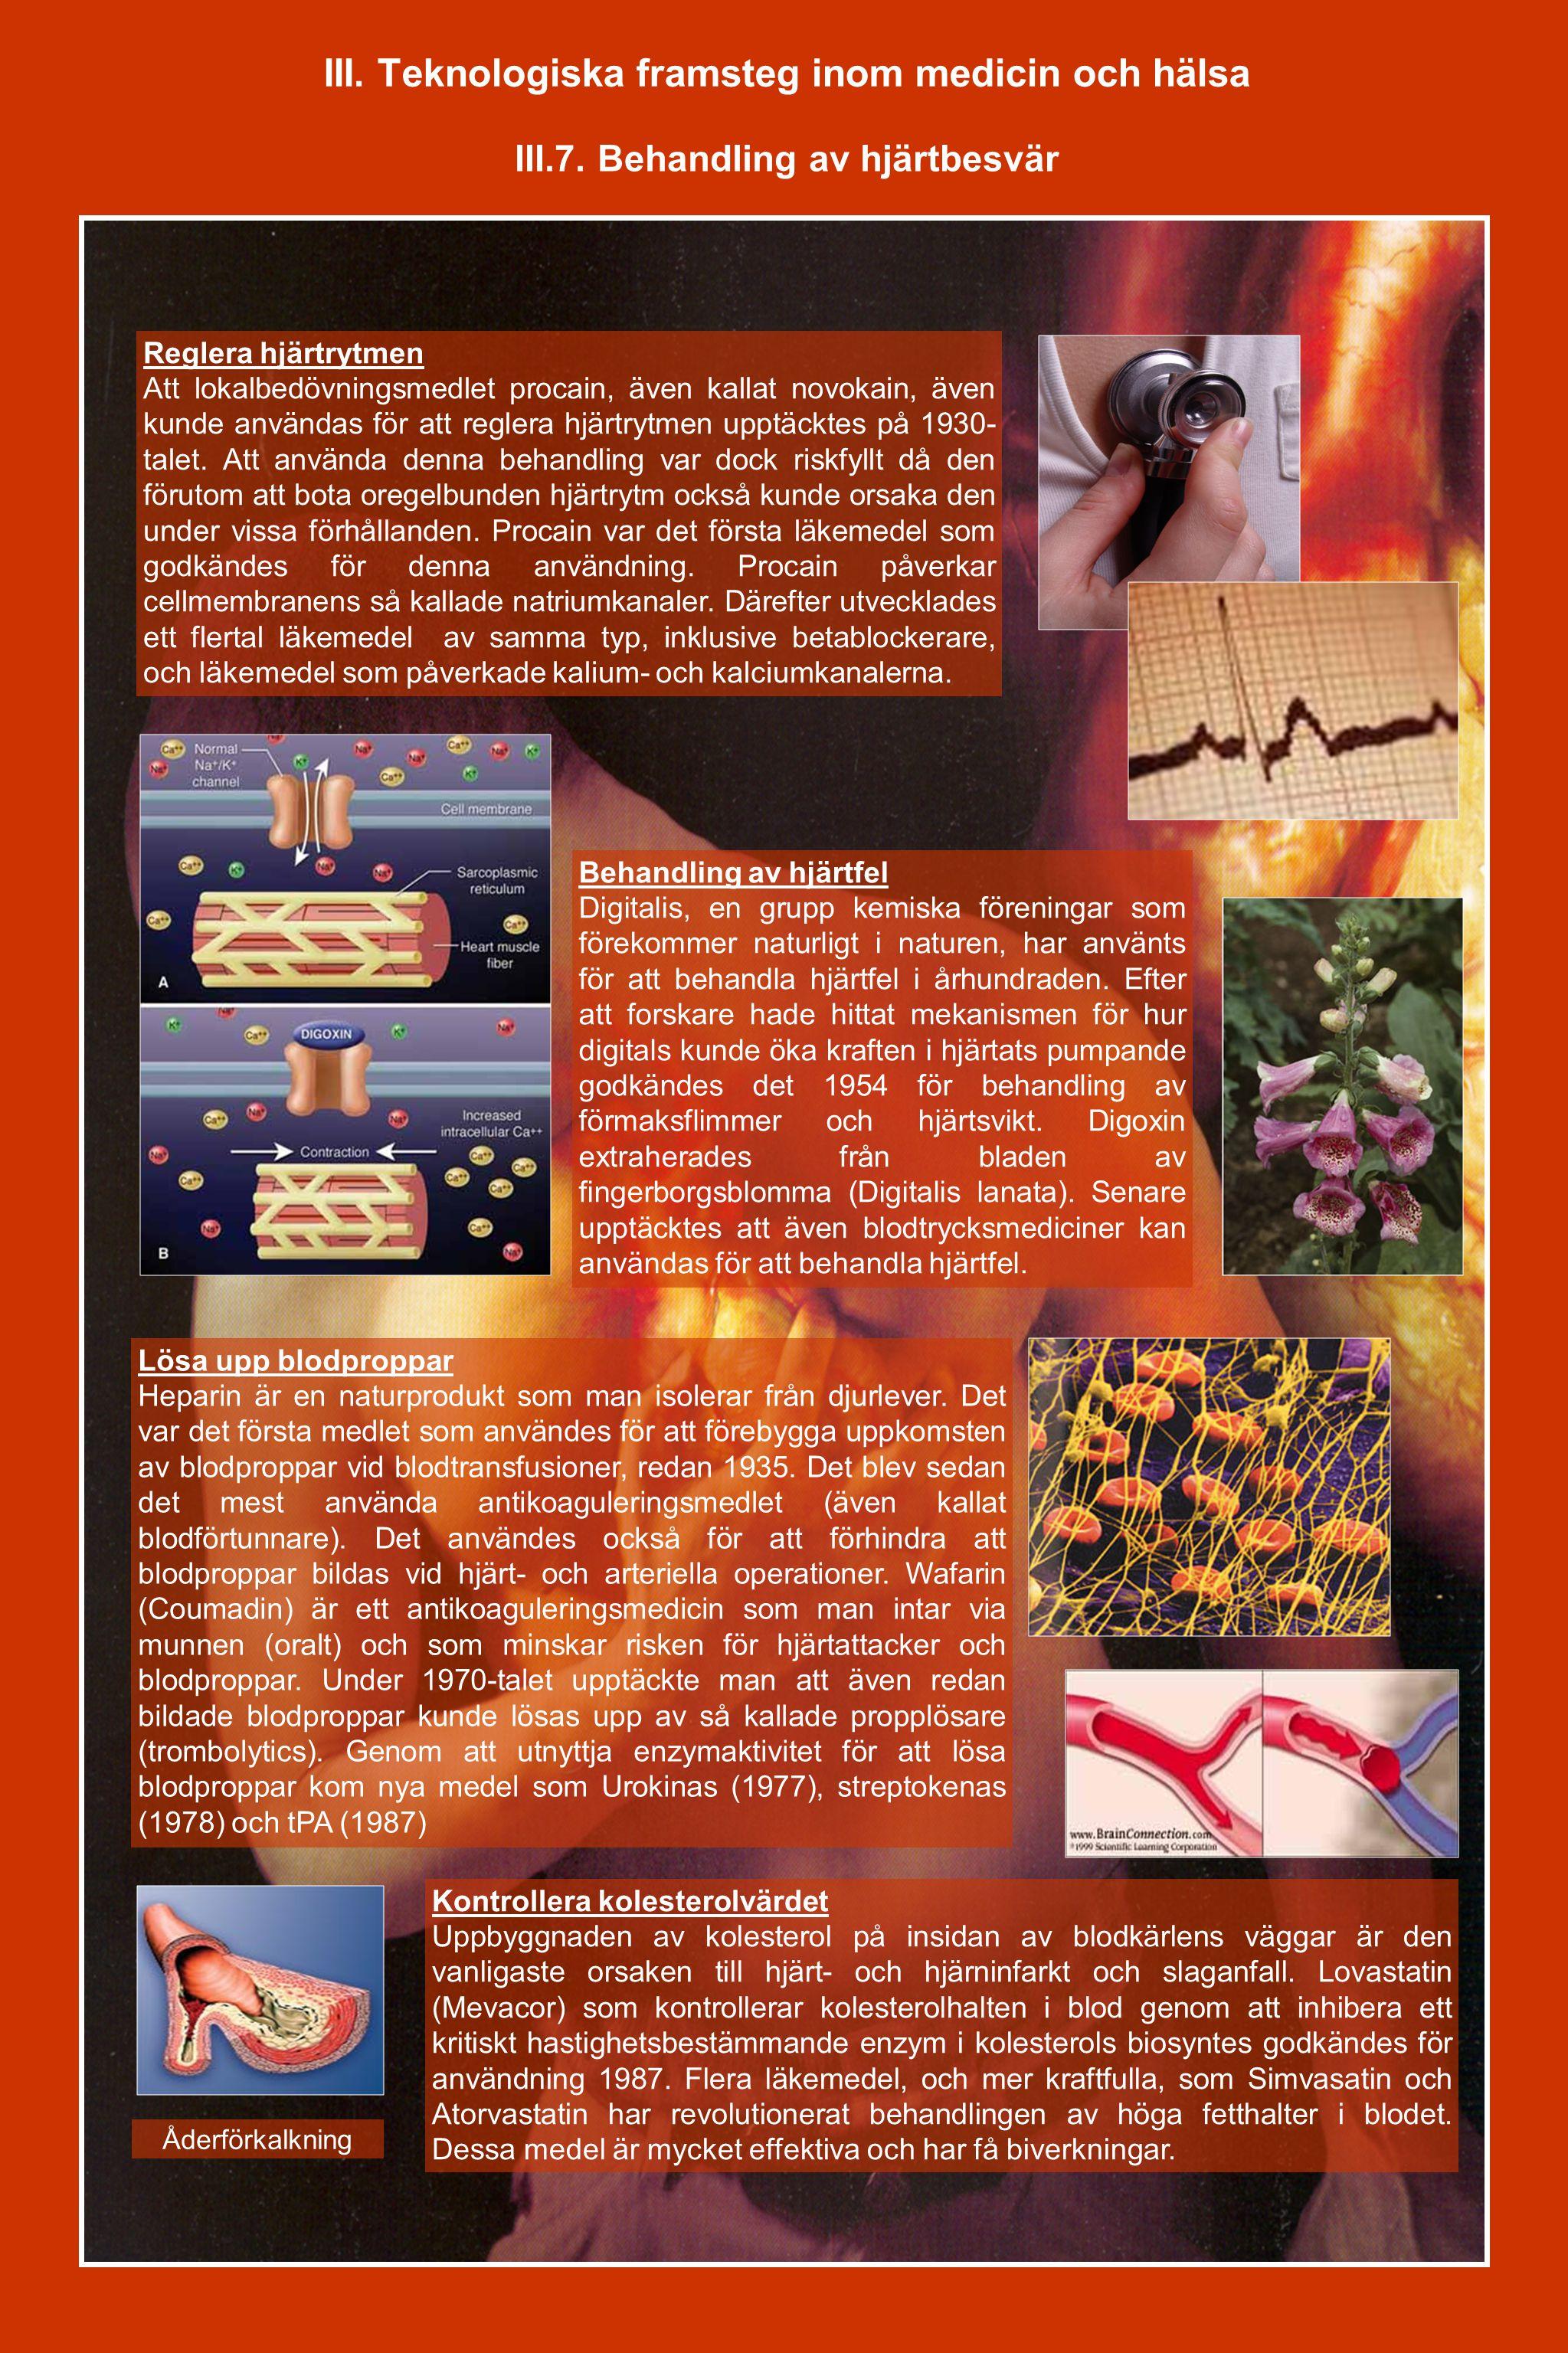 III. Teknologiska framsteg inom medicin och hälsa III.7. Behandling av hjärtbesvär Reglera hjärtrytmen Att lokalbedövningsmedlet procain, även kallat